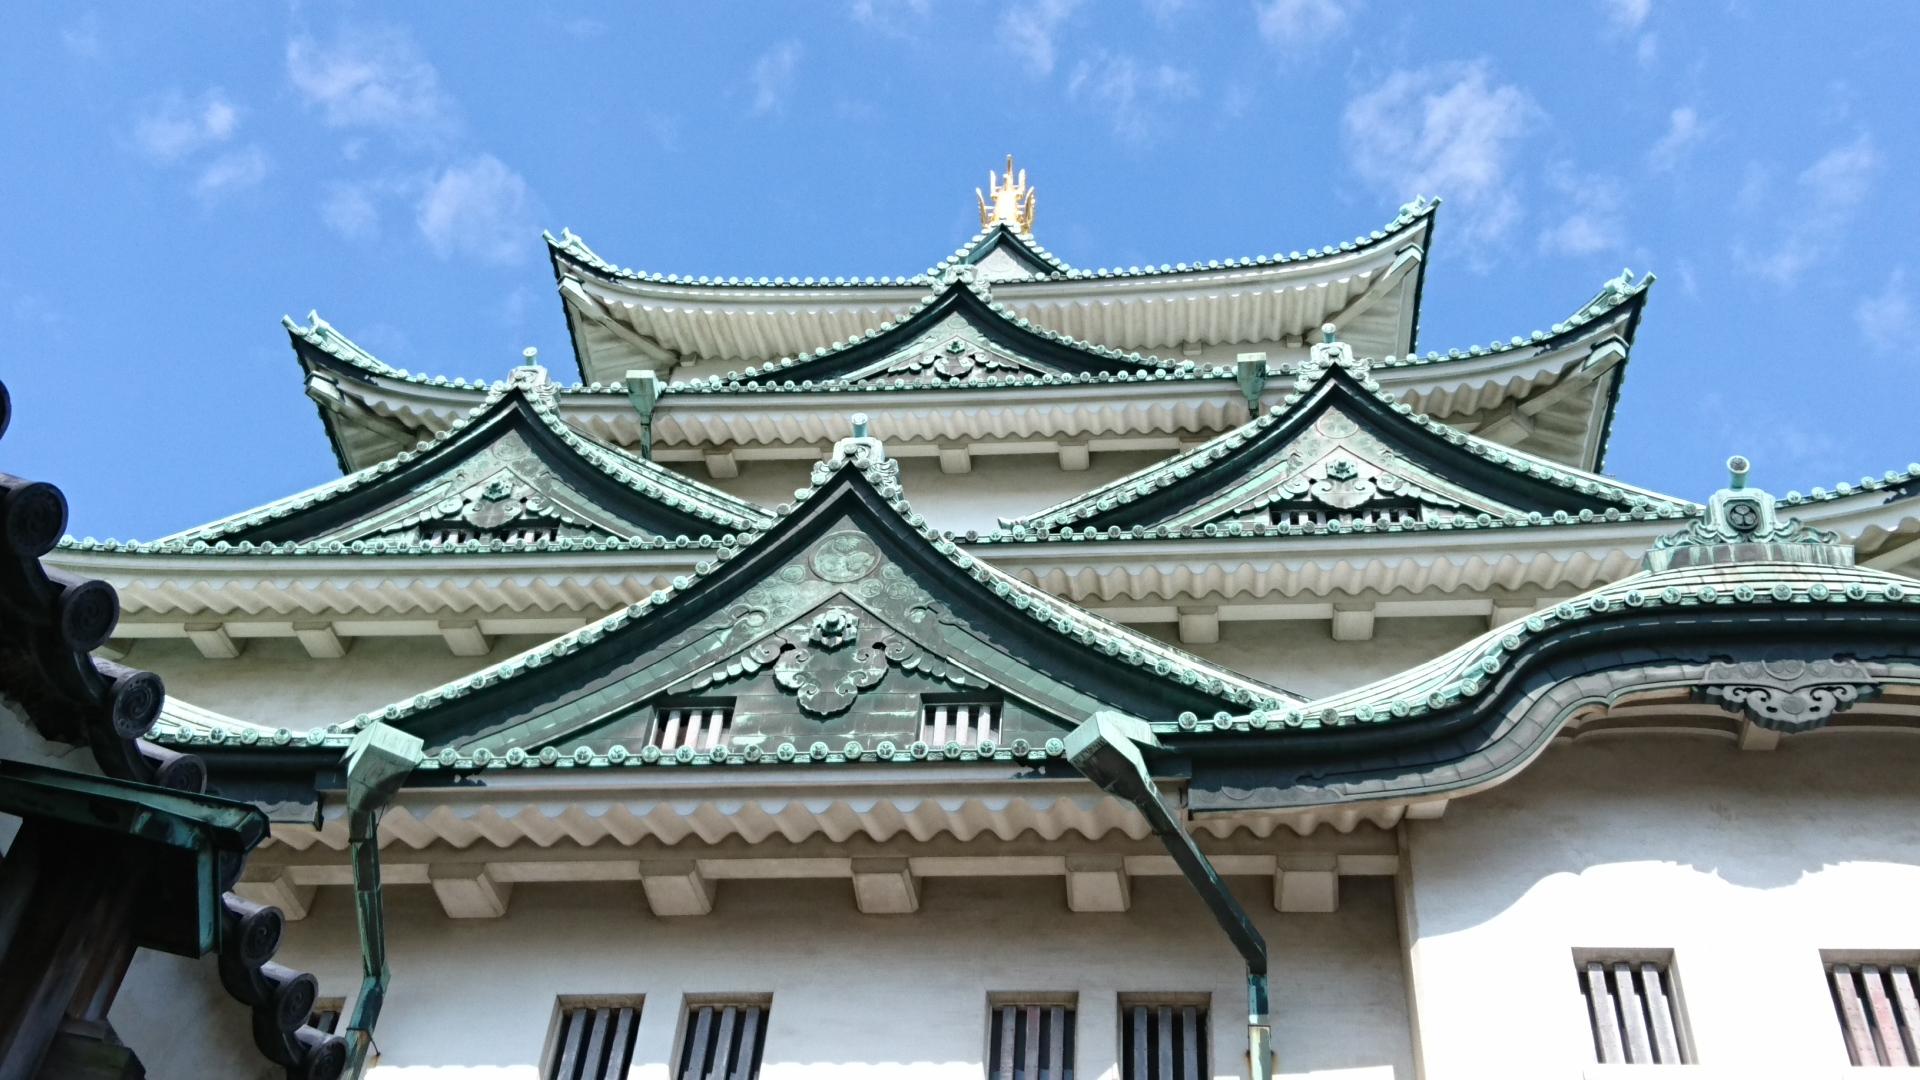 2017.11.3 名古屋城 (12) 天守閣(みなみから) 1920-1080